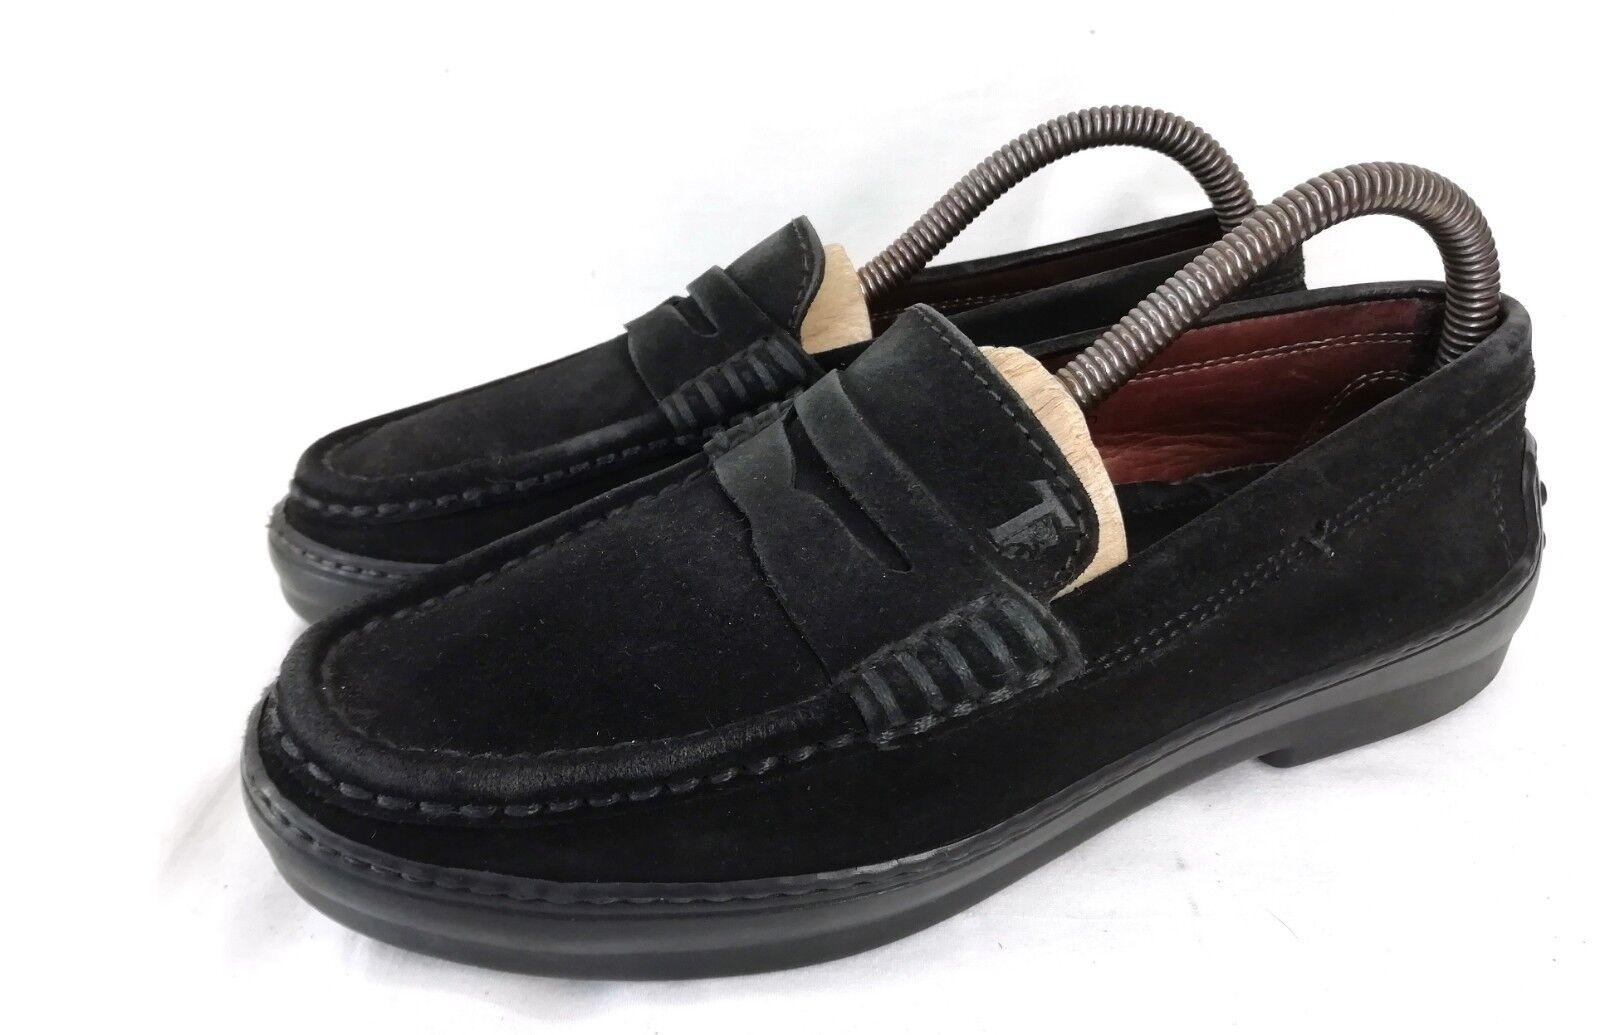 Tod's gommino gommino gommino Penny loafer mocasín zapatos de mujer negro de gamuza talla 36 vibram  diseños exclusivos